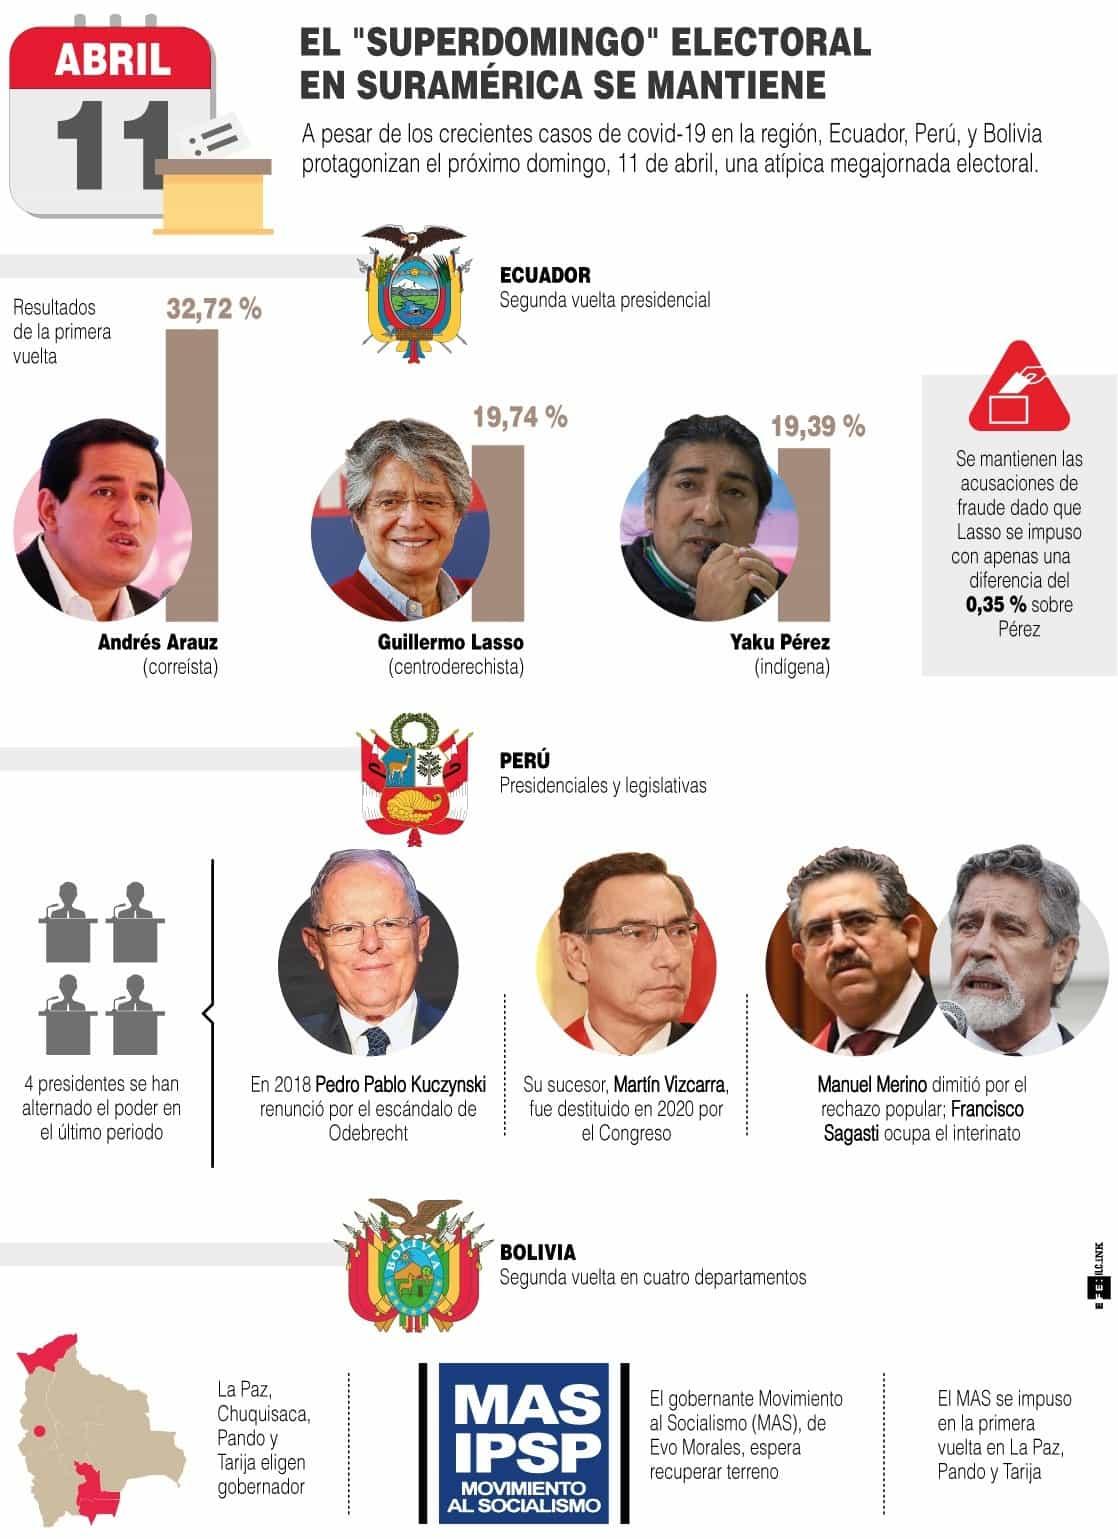 [Infografía] - El Superdomingo electoral en Suramérica se mantiene 1